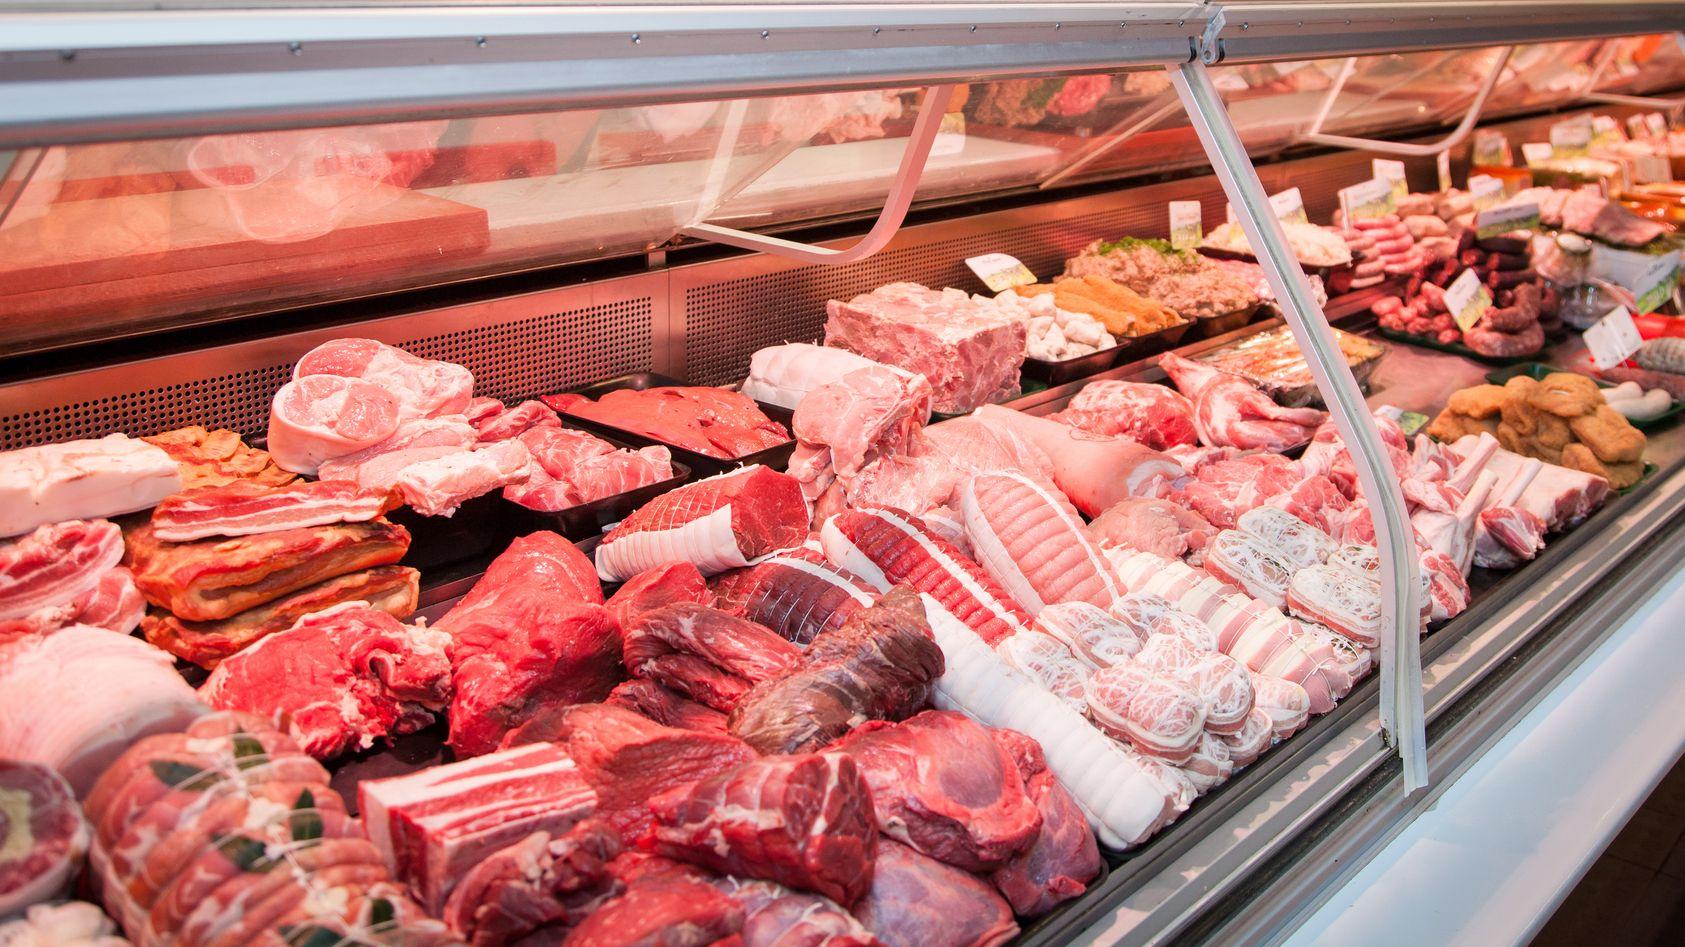 Fleisch in einer Fleischtheke im Supermarkt